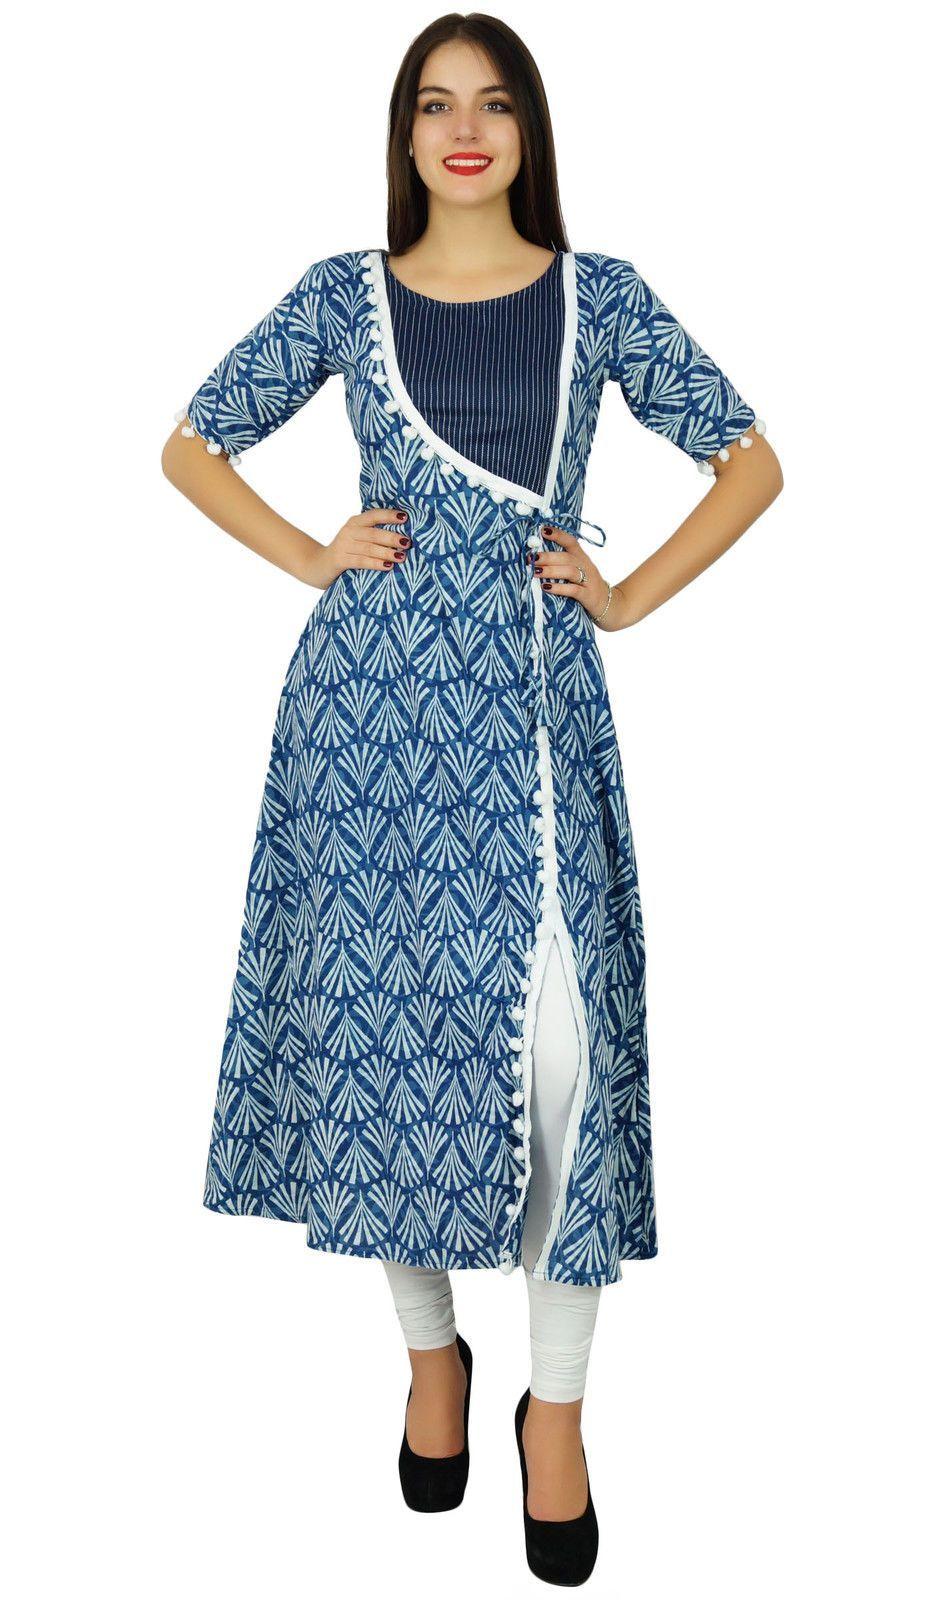 Bimba designer angrakha style cotton kurta long aline kurti dress